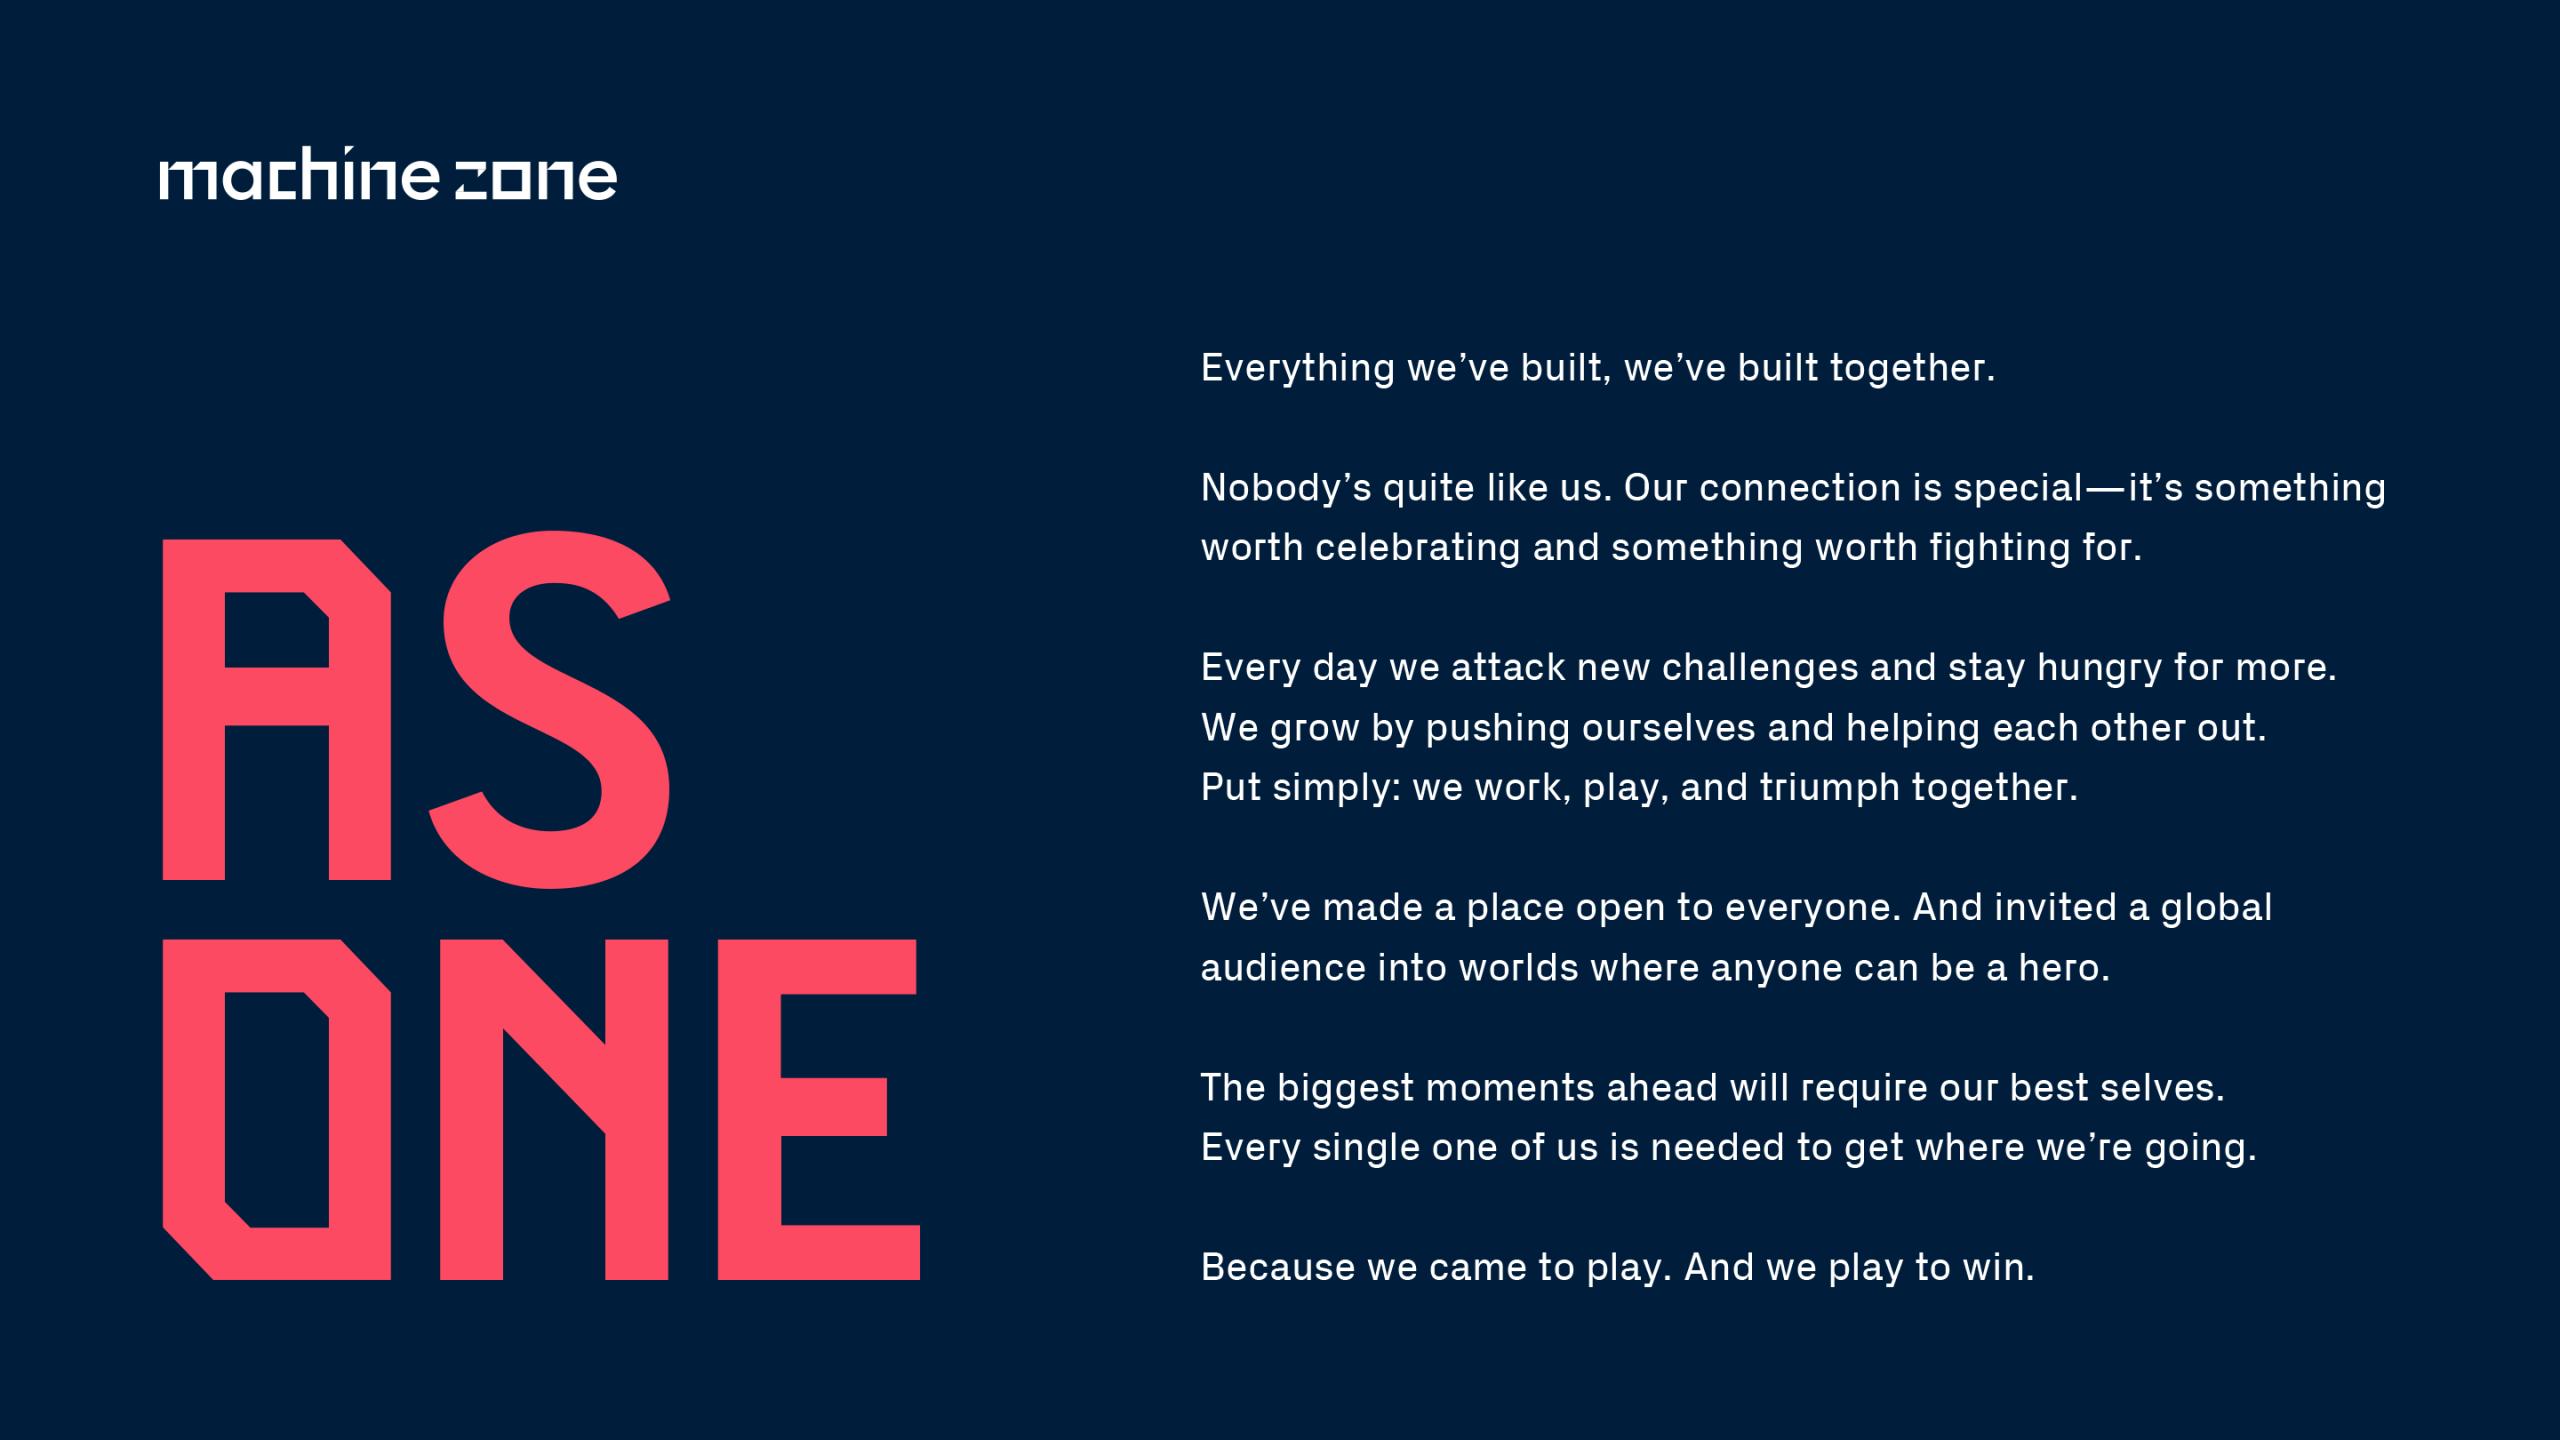 Machine Zone Manifesto